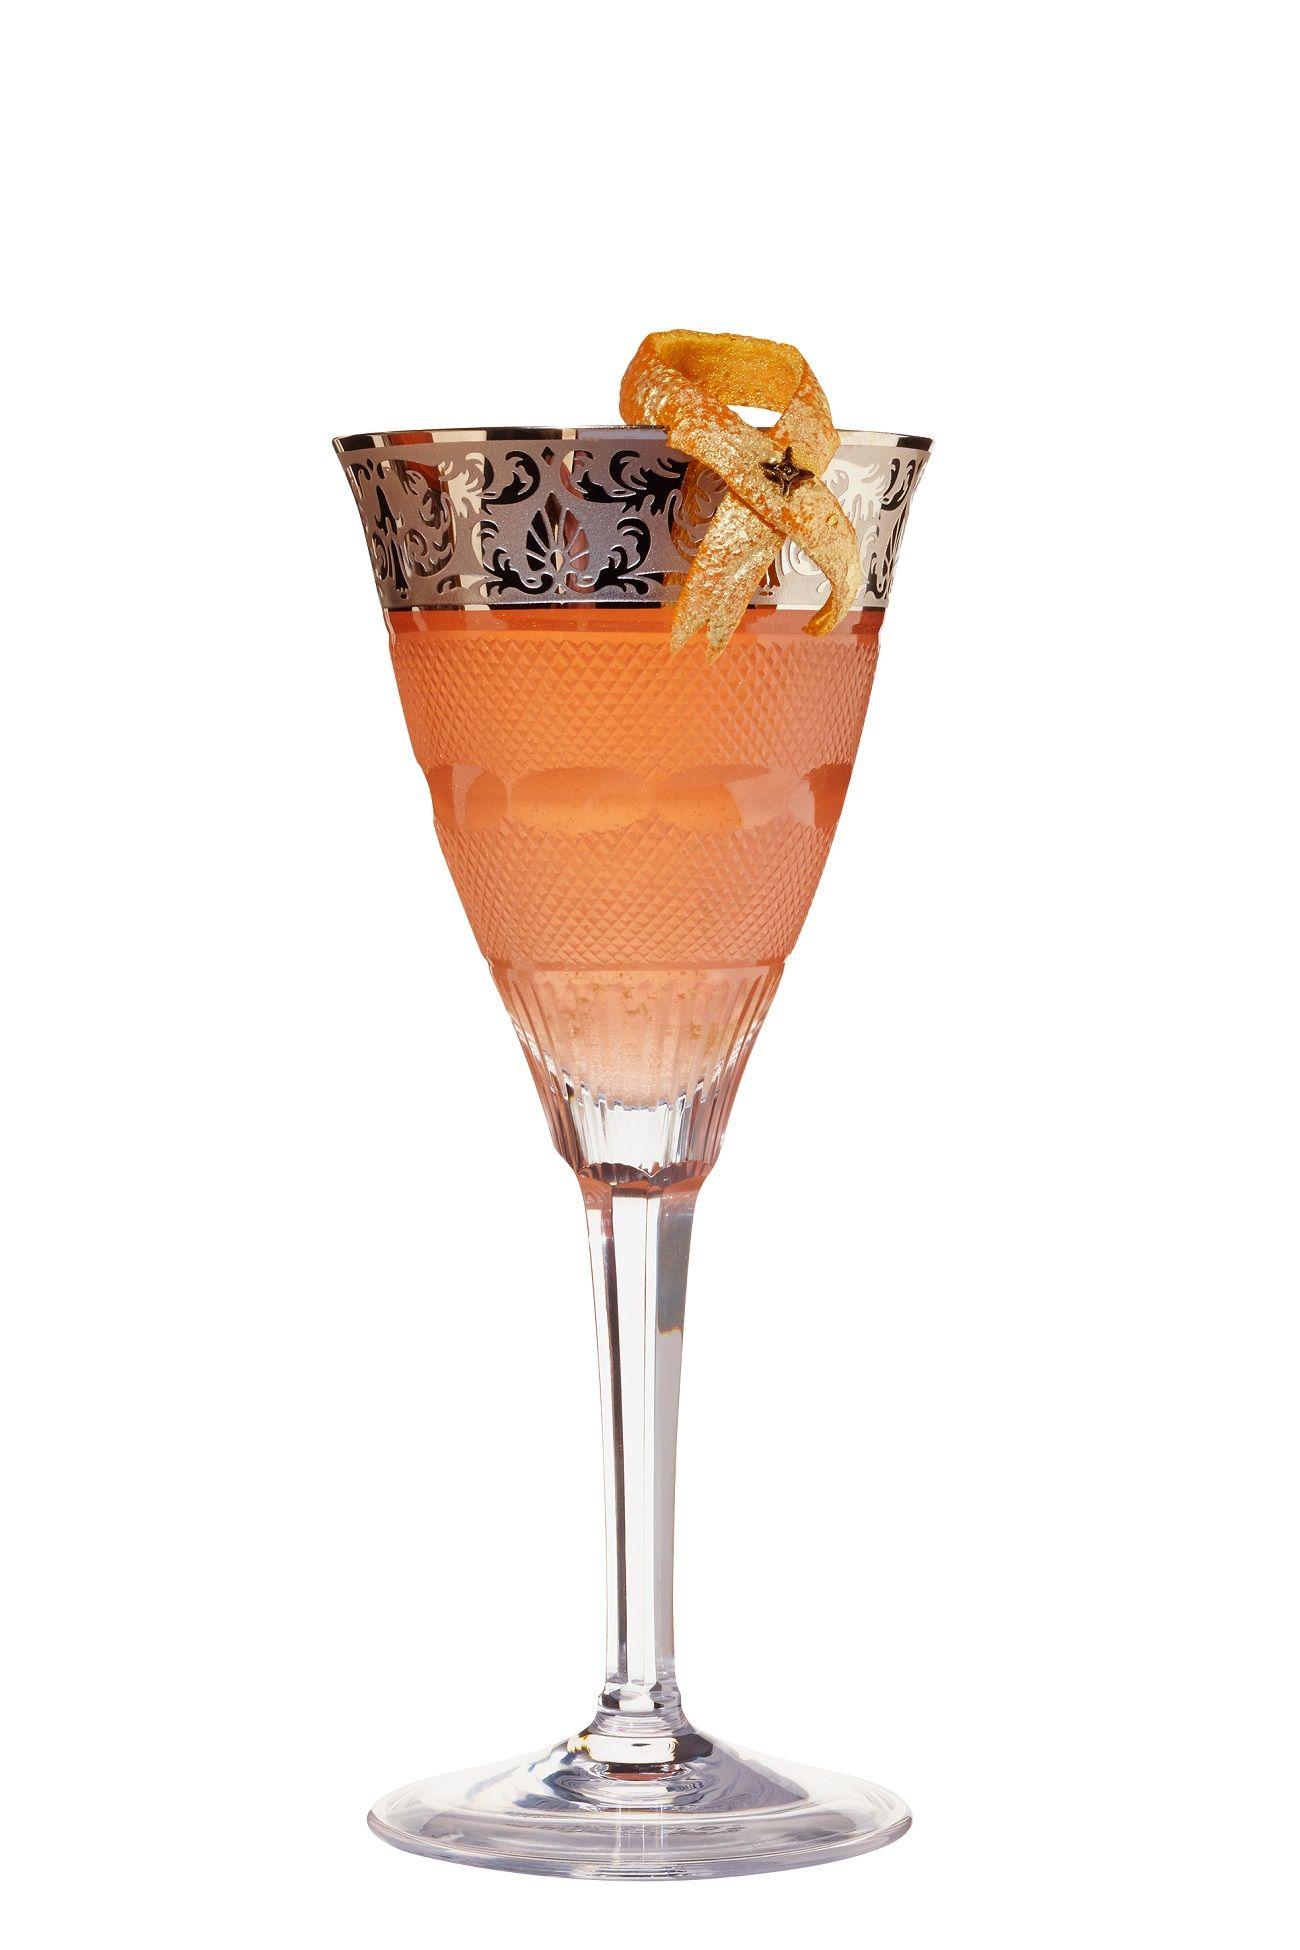 Royal 24 (Silvester-Drink)  4cl Beefeater 24  2,5 cl frisch gepresster Grapefruitsaft  1,5 cl Zuckersirup  2 dashes Peychauds Bitter   Alles Zutaten auf Eis shaken, double strainen und mit Champagner aufgießen. Eine Grapefruitzeste mit essbarem Goldlack besprühen und mit einer Nelke fixieren.